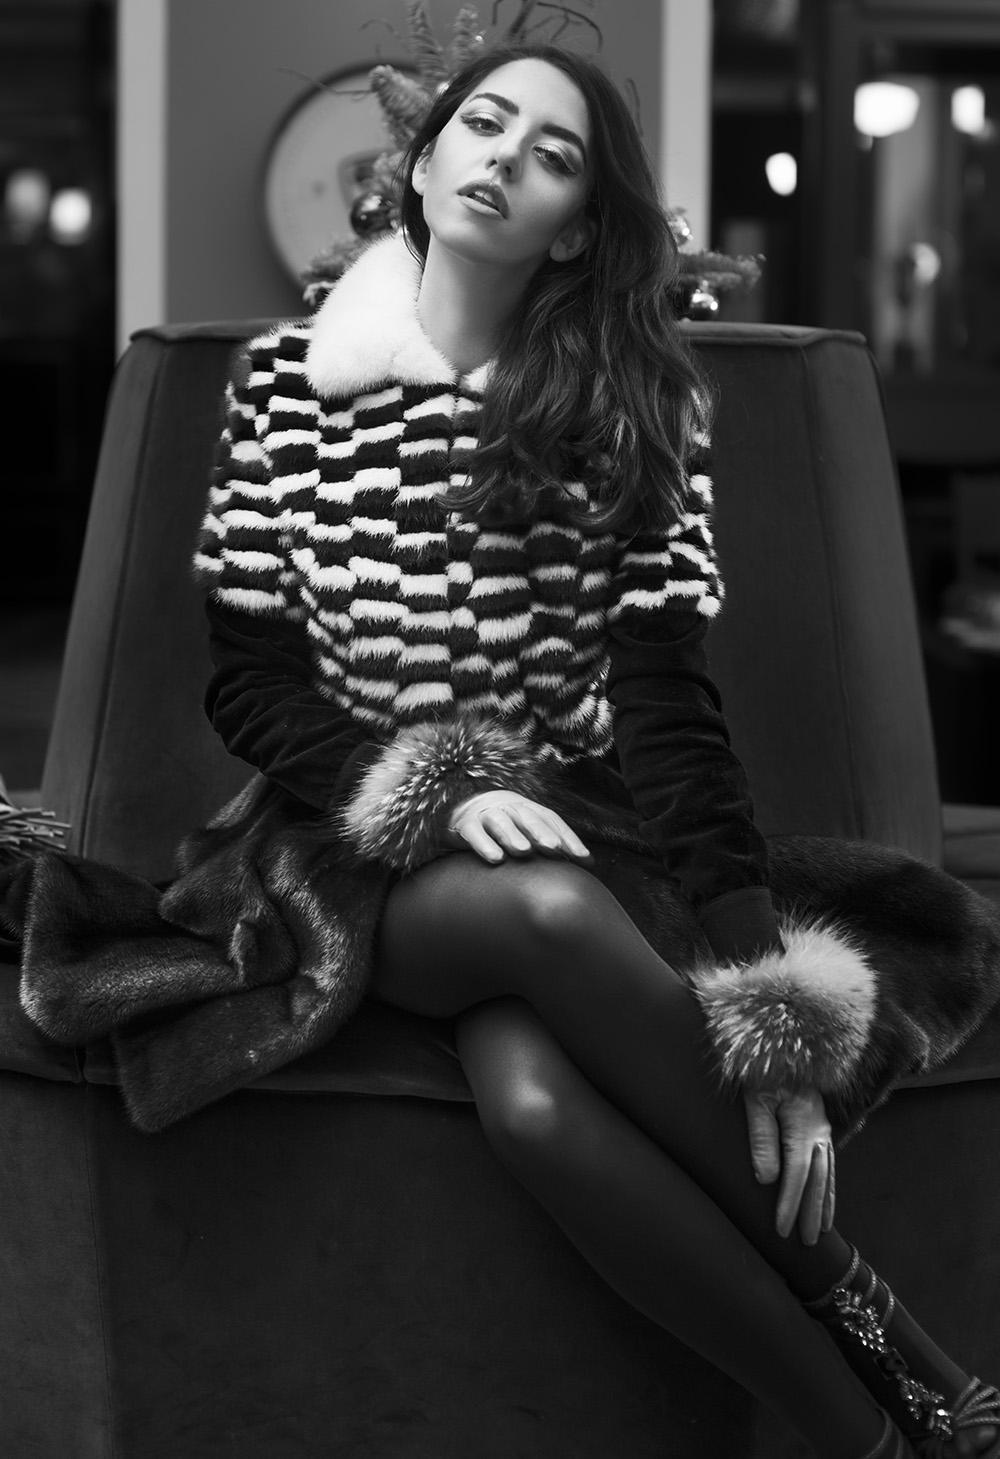 lady fur pelliccia vladimiro gioia pelliccia visone foto